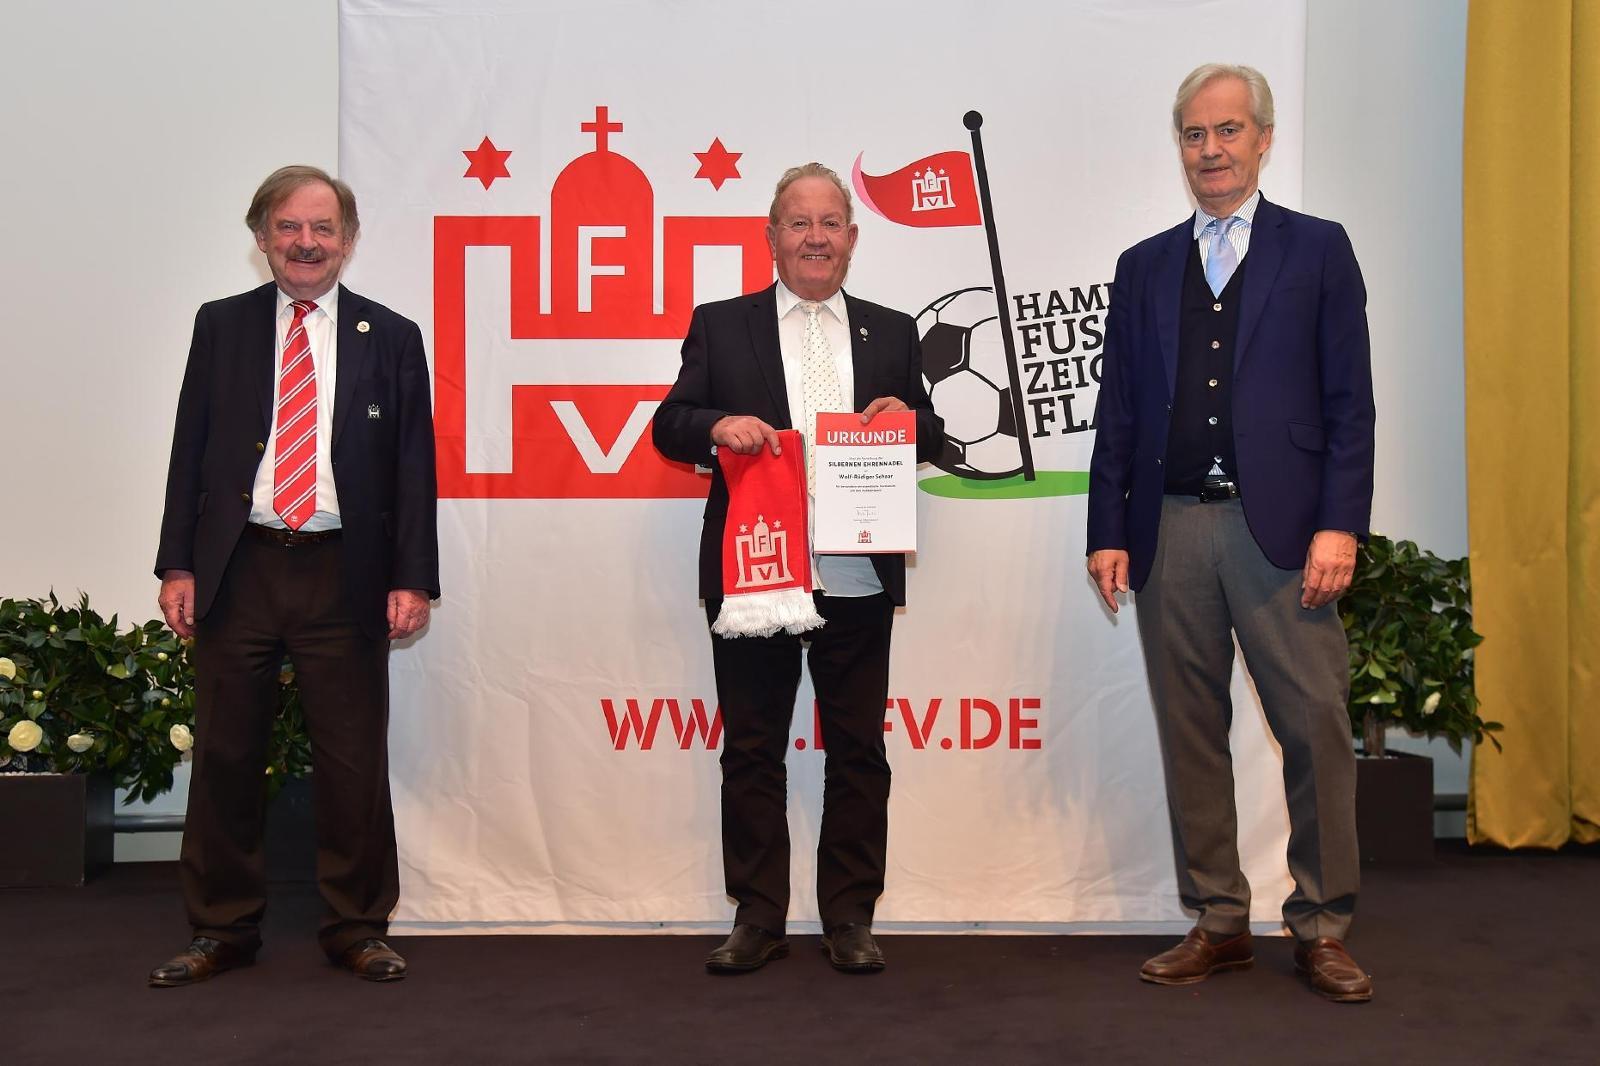 Wolf-Rüdiger Schaar von der Wilhelmsburger Fußball-Altherren-Auswahl erhält die silberne Ehrennadel. Foto: Gettschat